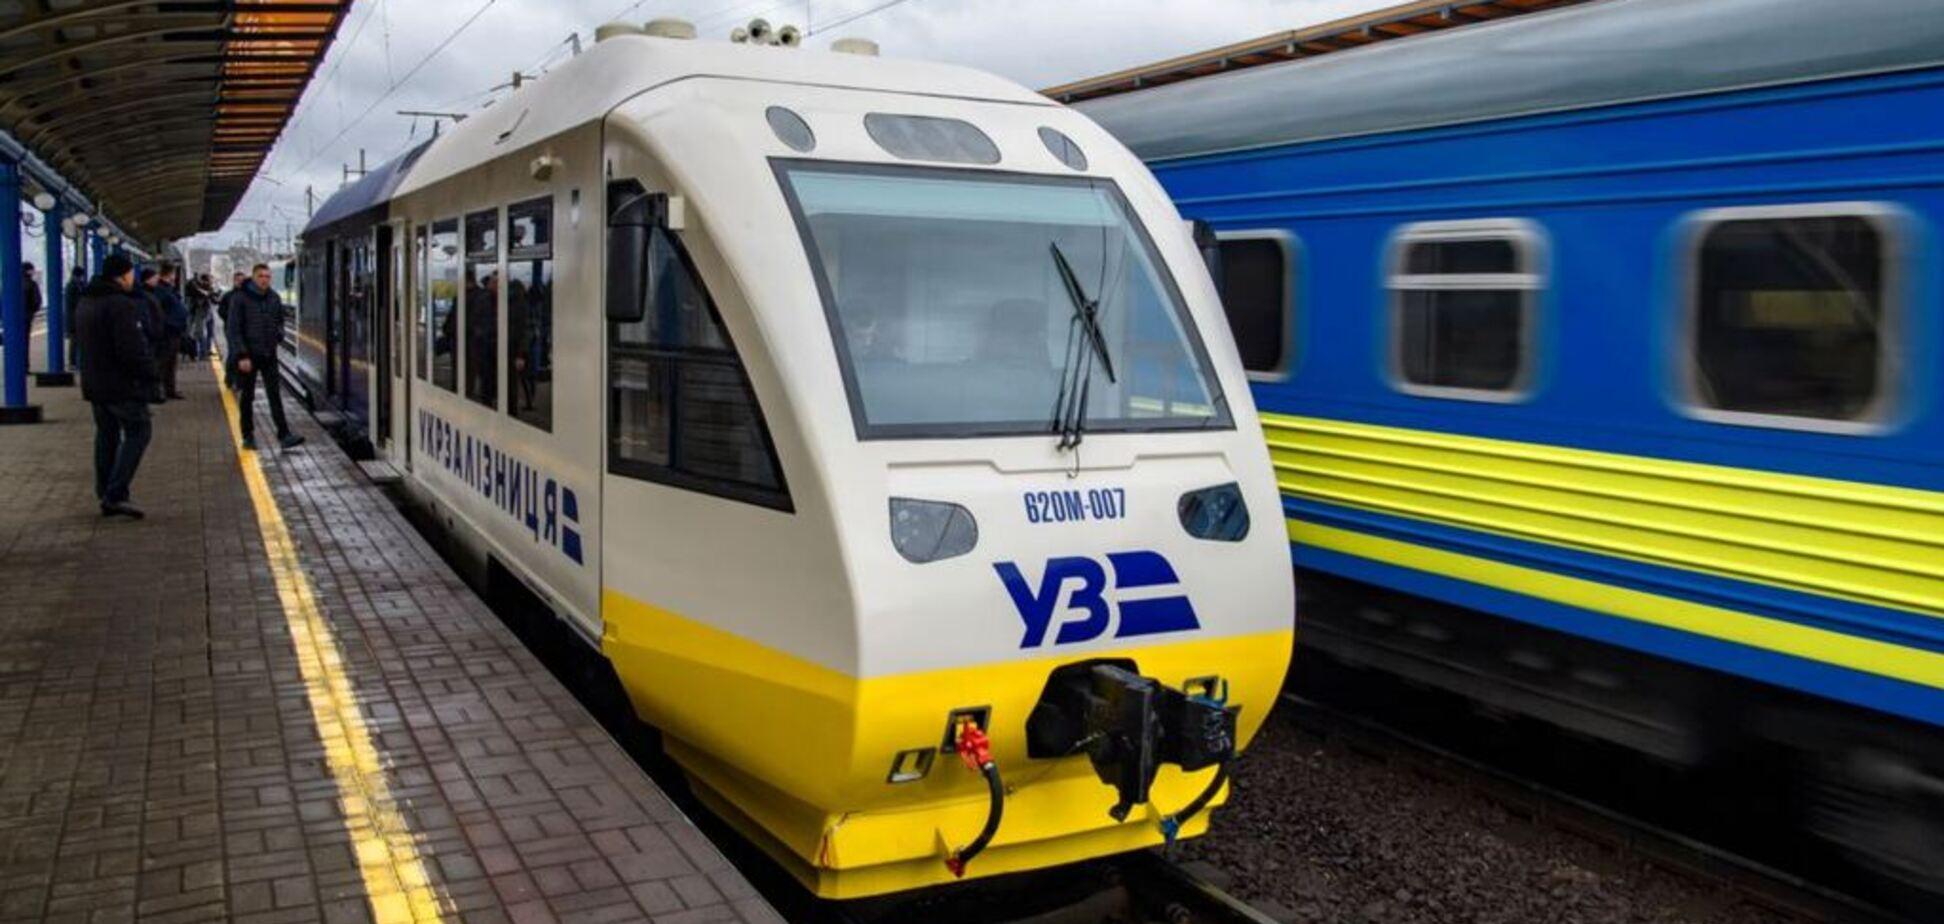 Всех экстренно эвакуировали: с поездом Харьков – Киев произошло ЧП